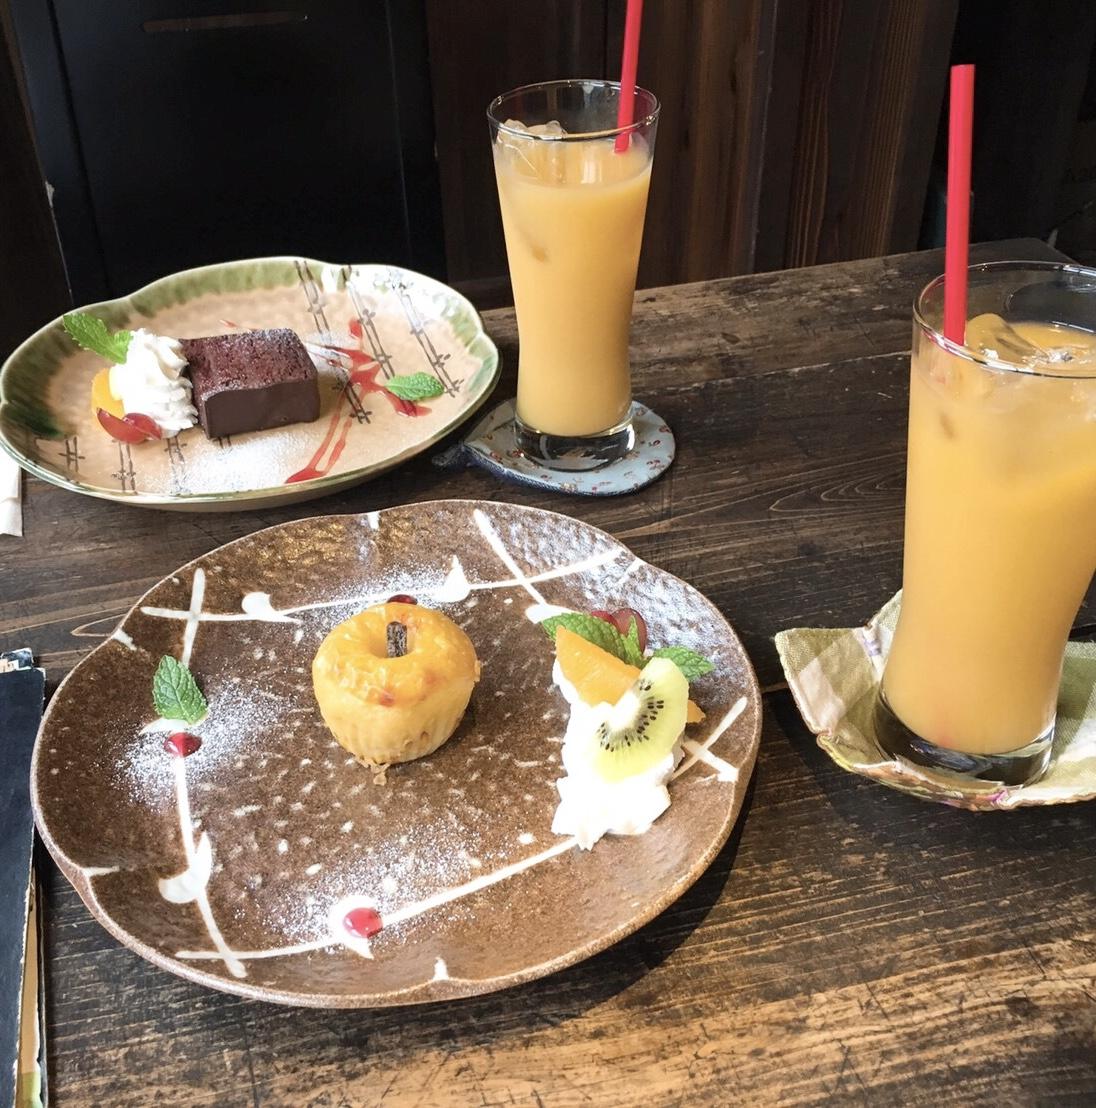 daigo cafeのスイーツ